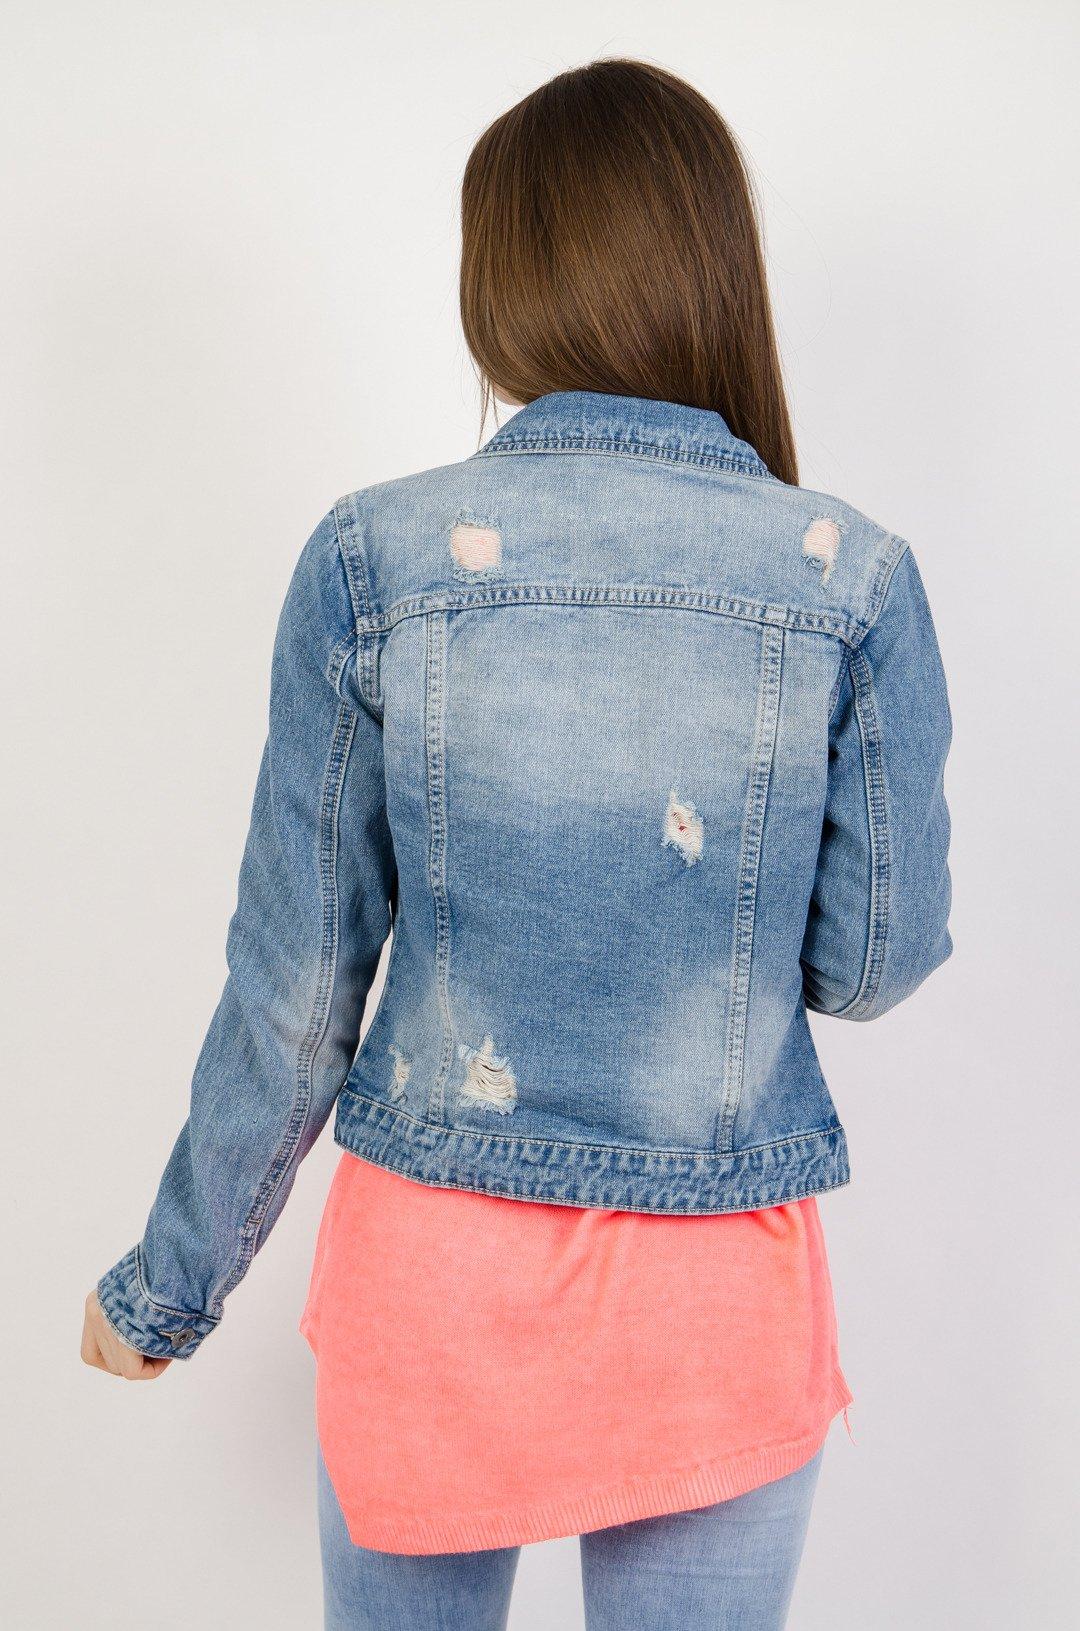 c75fa0a887419 Kurtka jeansowa z jasnymi przetarciami; Kurtka jeansowa z jasnymi  przetarciami ...